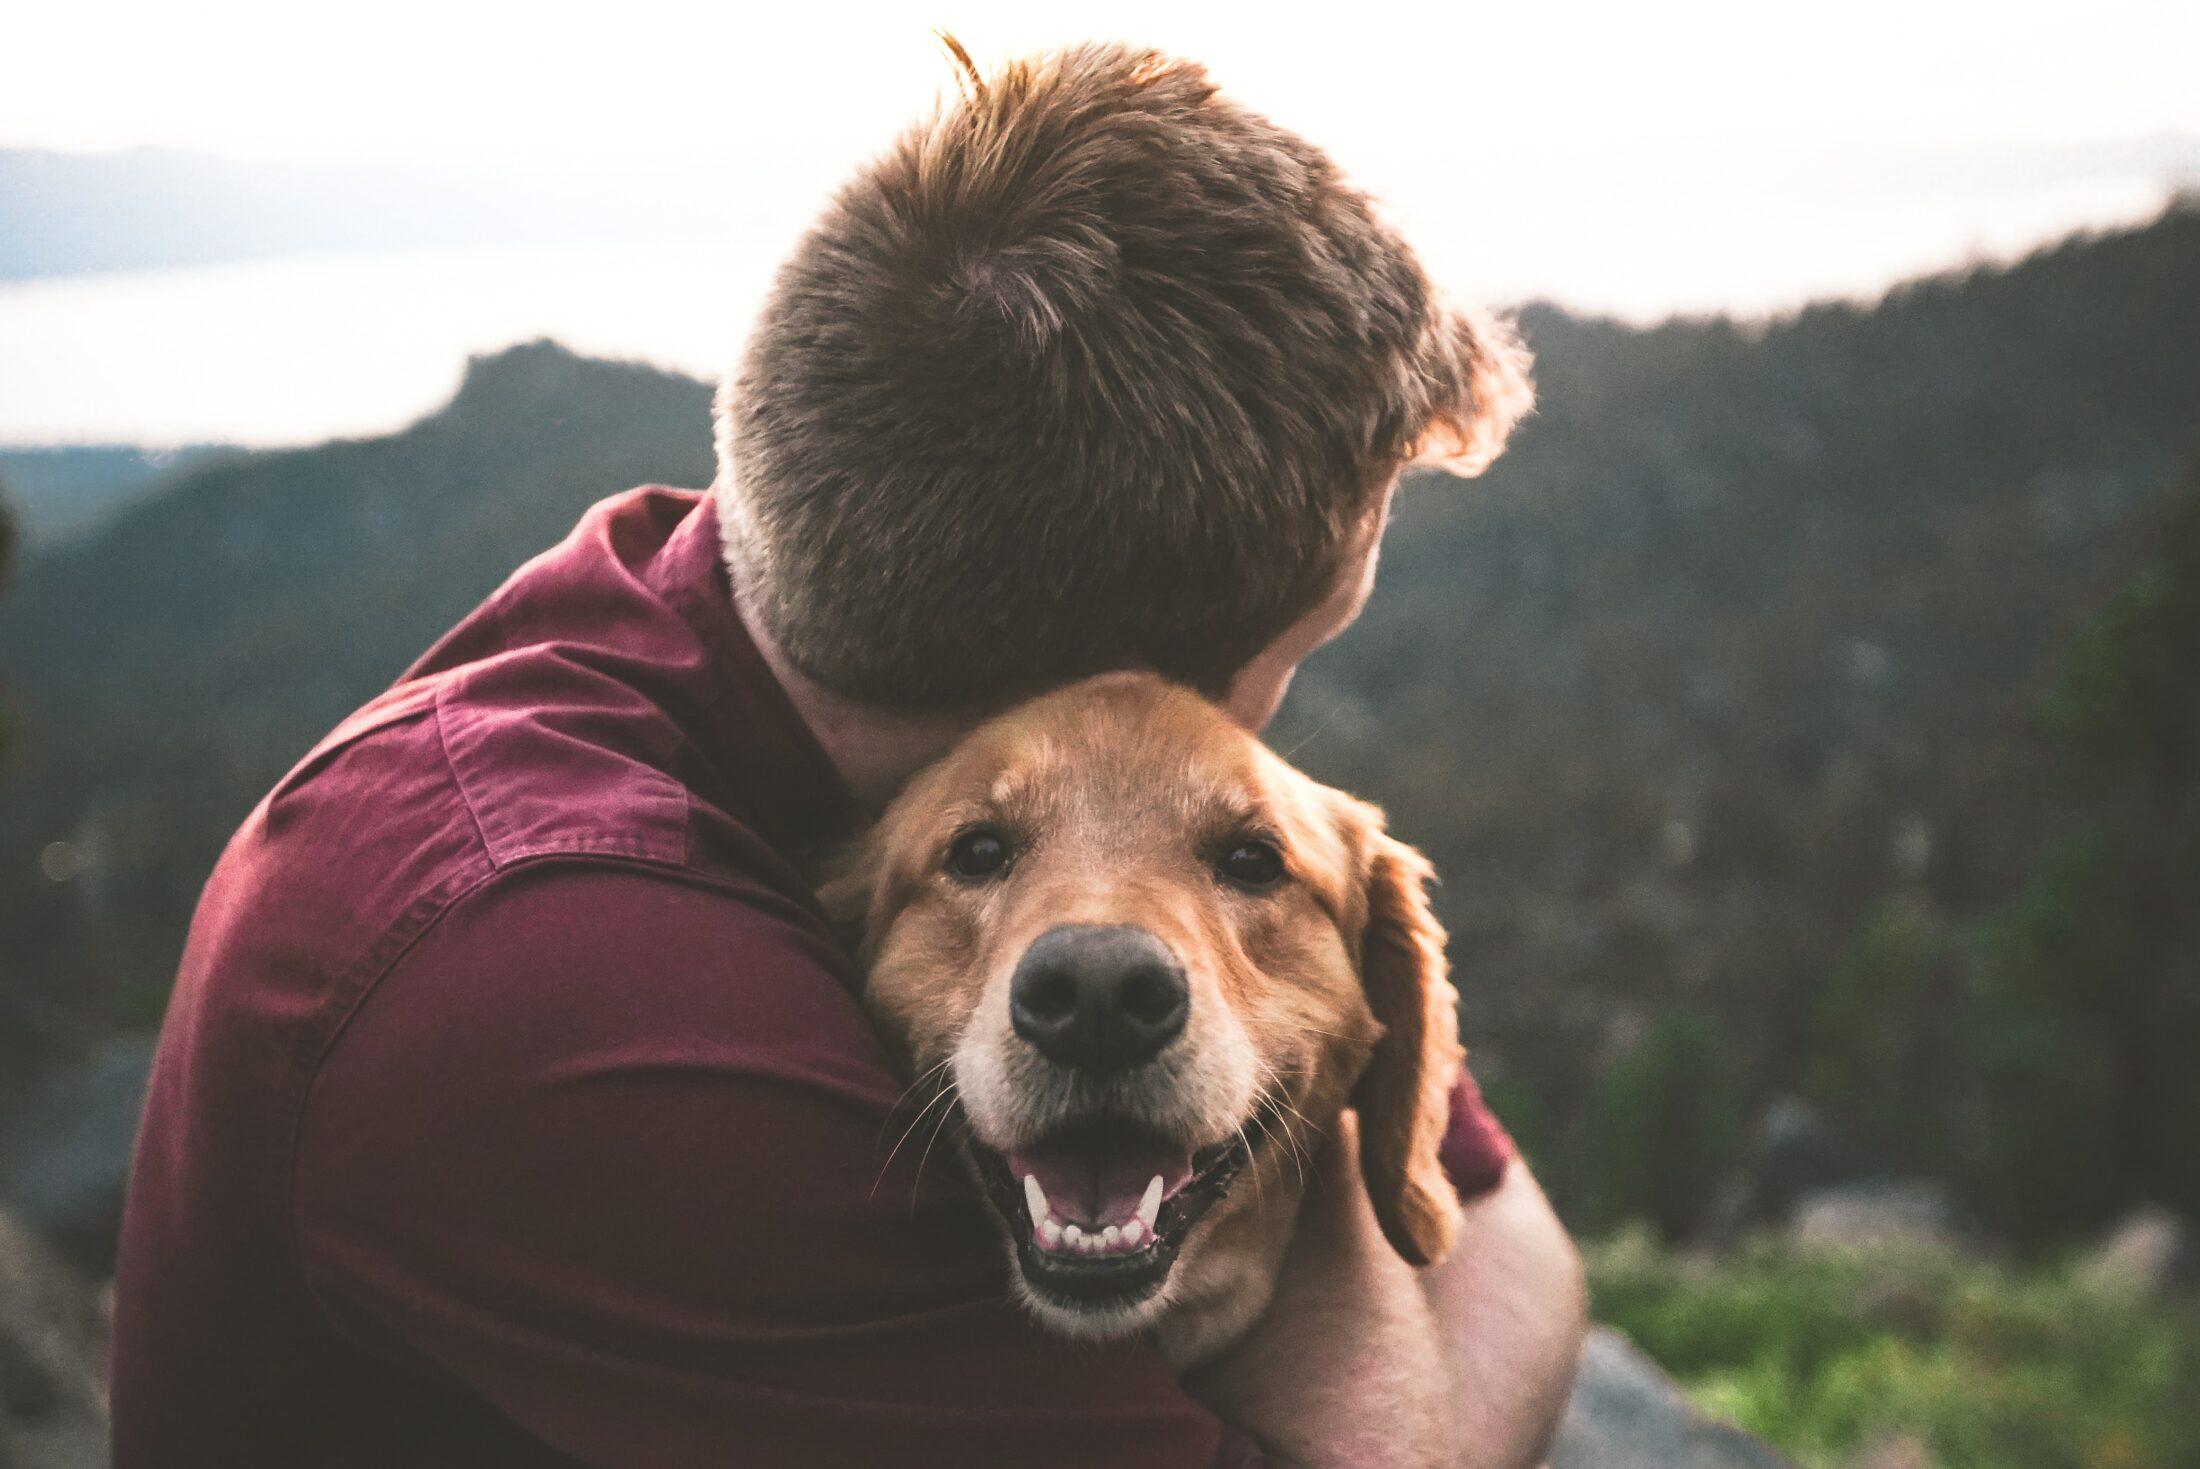 dono abraçado com seu cachorro feliz